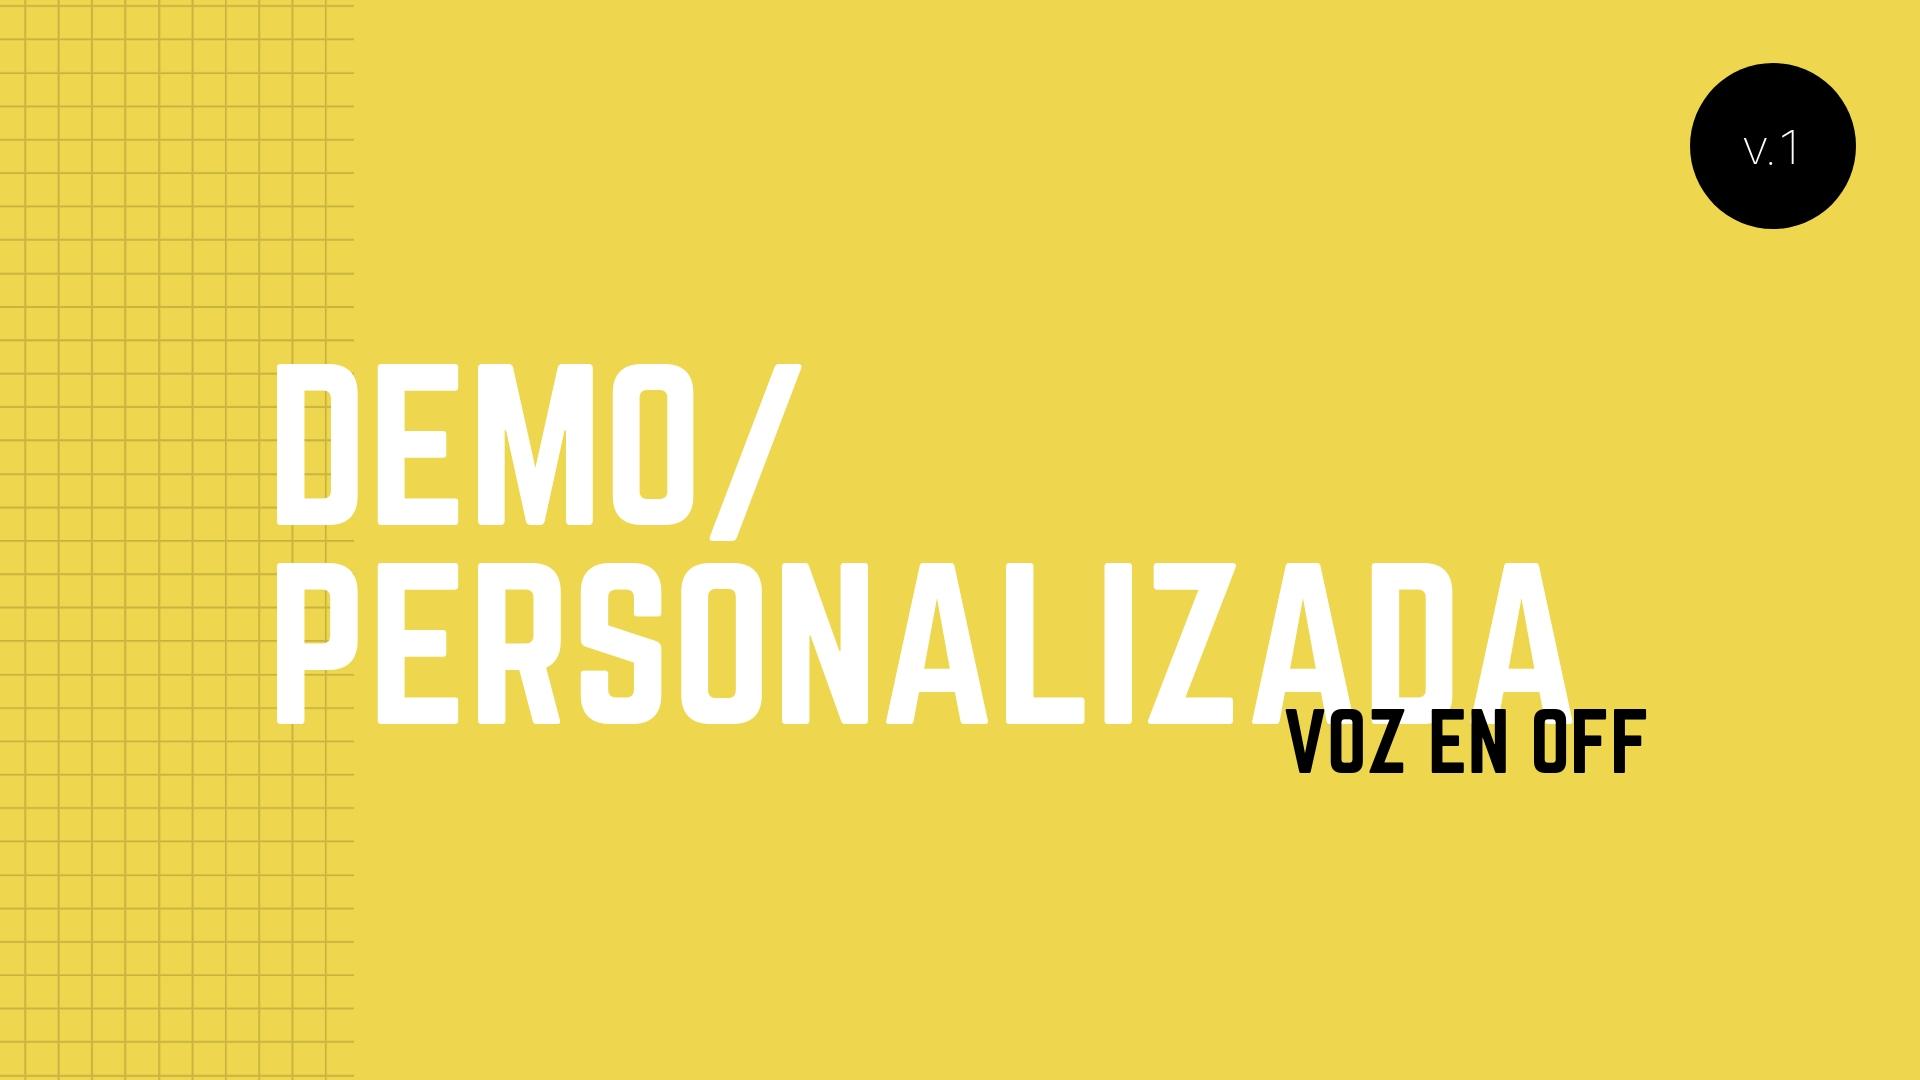 ¿Qué Es Una Demostración De Voz En Off Personalizada?